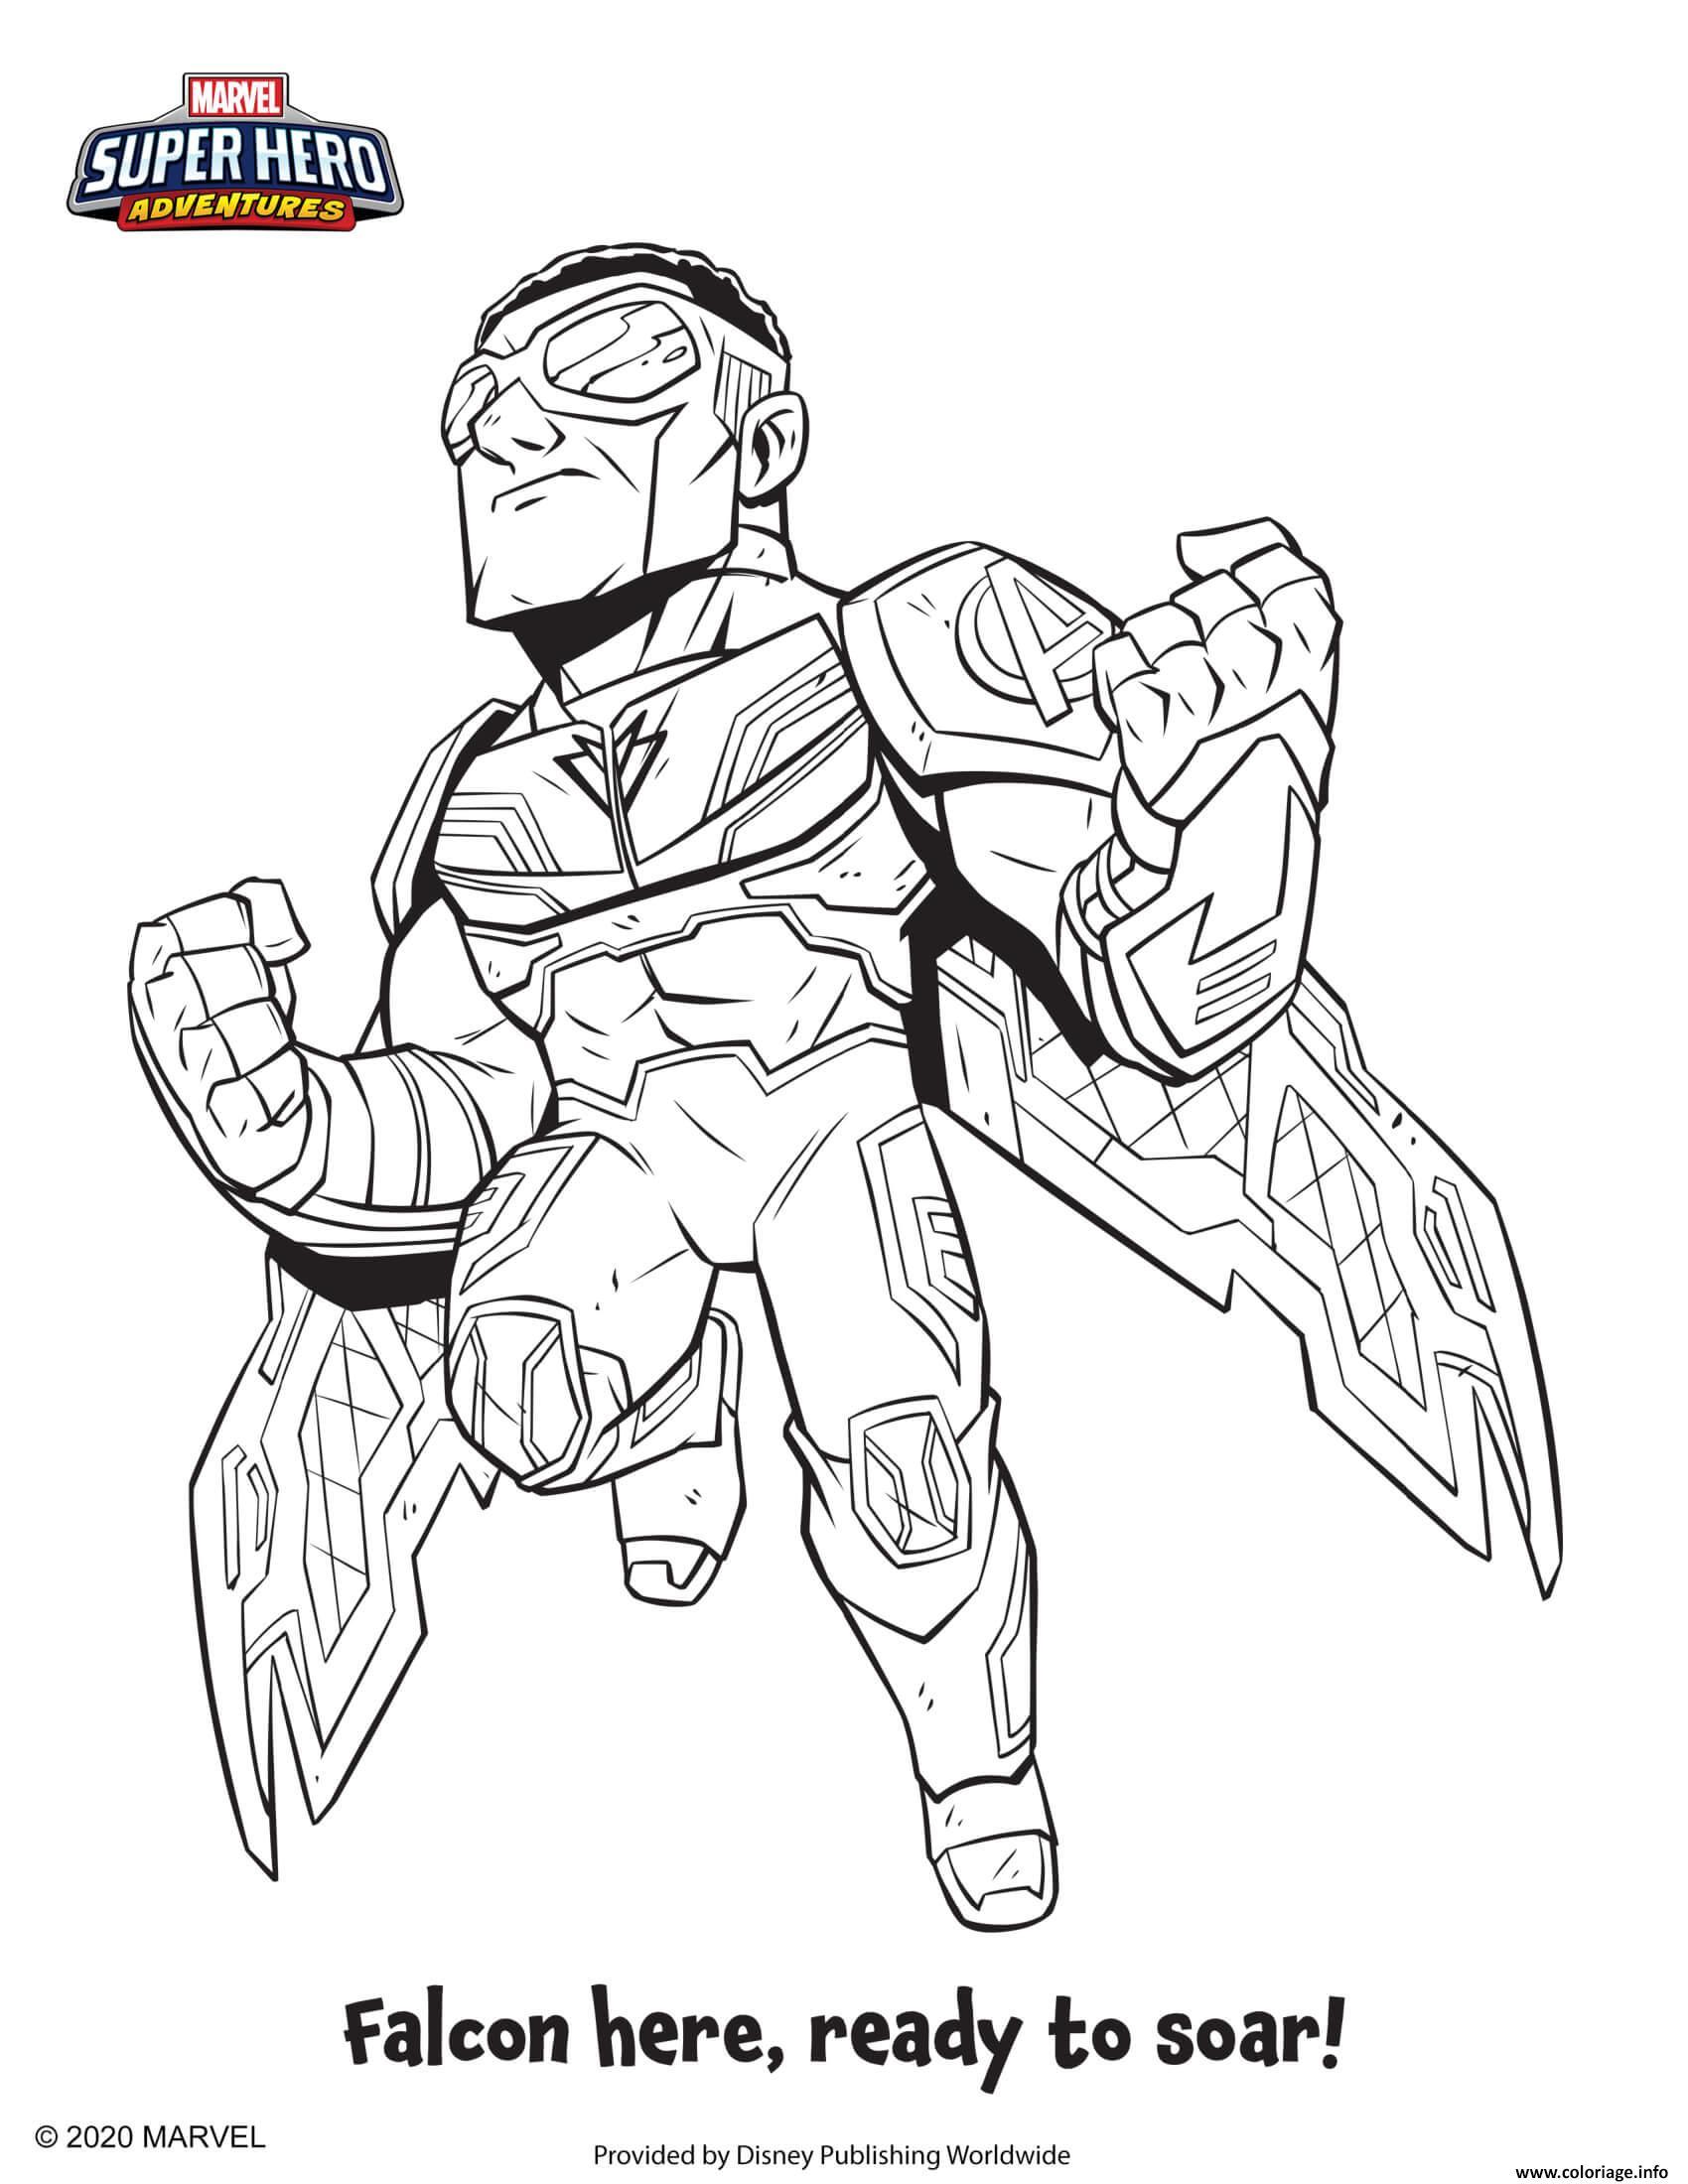 Dessin falcon marvel super heros Coloriage Gratuit à Imprimer